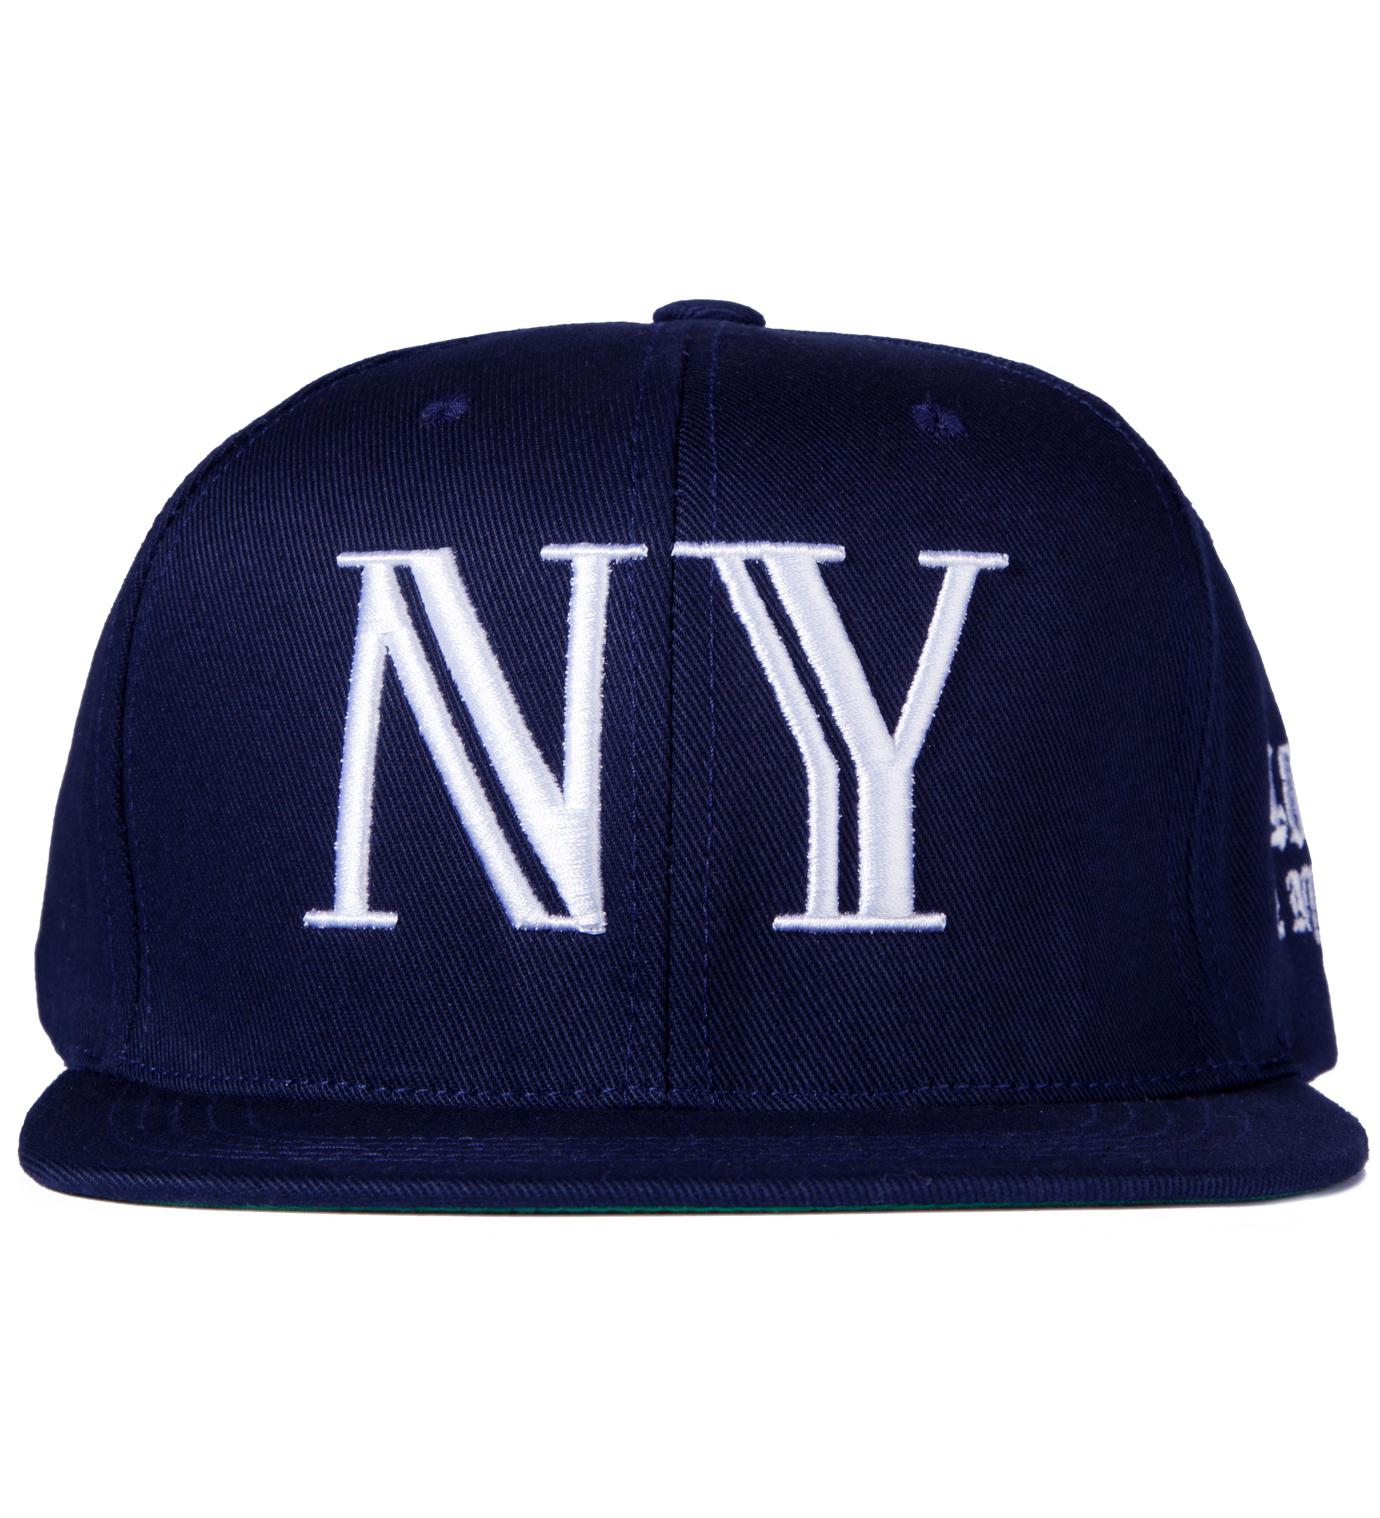 40oz NYC Navy Balmain NY Snapback Cap